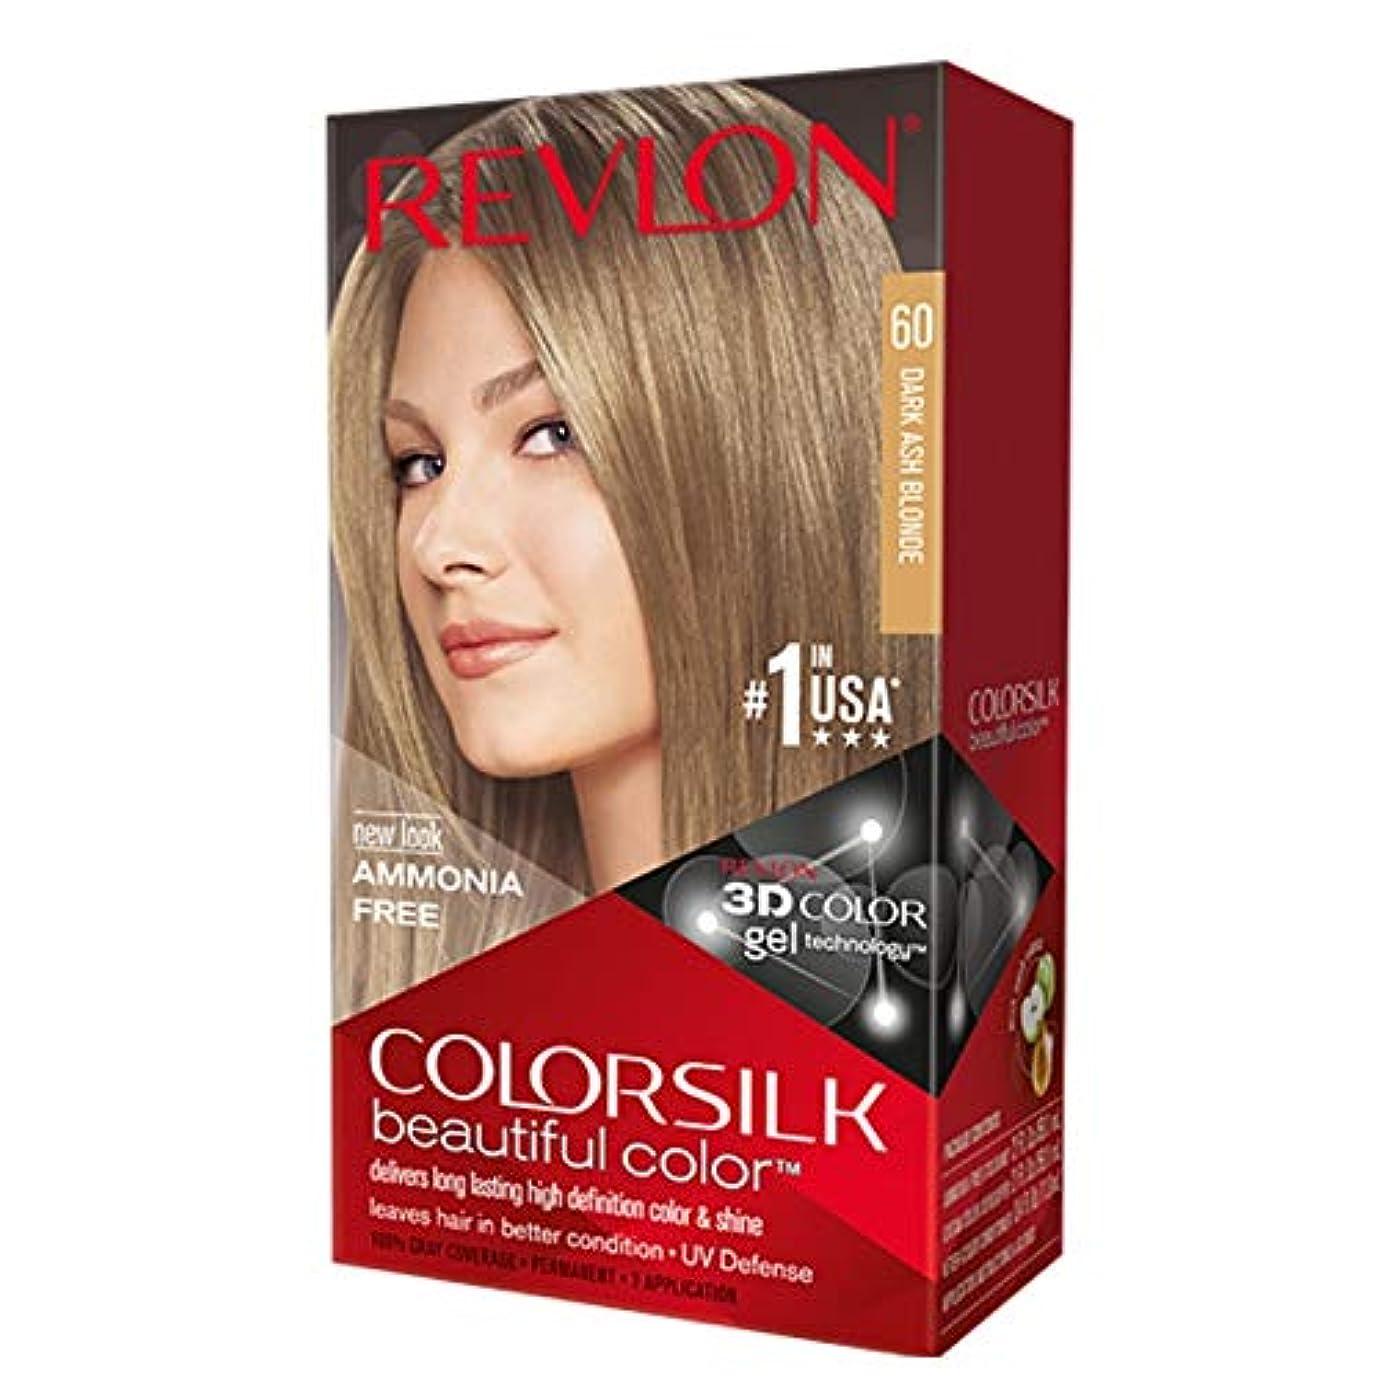 巨大ディレイ大騒ぎ海外直送肘 Revlon Colorsilk Natural Hair Color 6A Dark Ash Blonde, 6A Dark Ash Blonde each